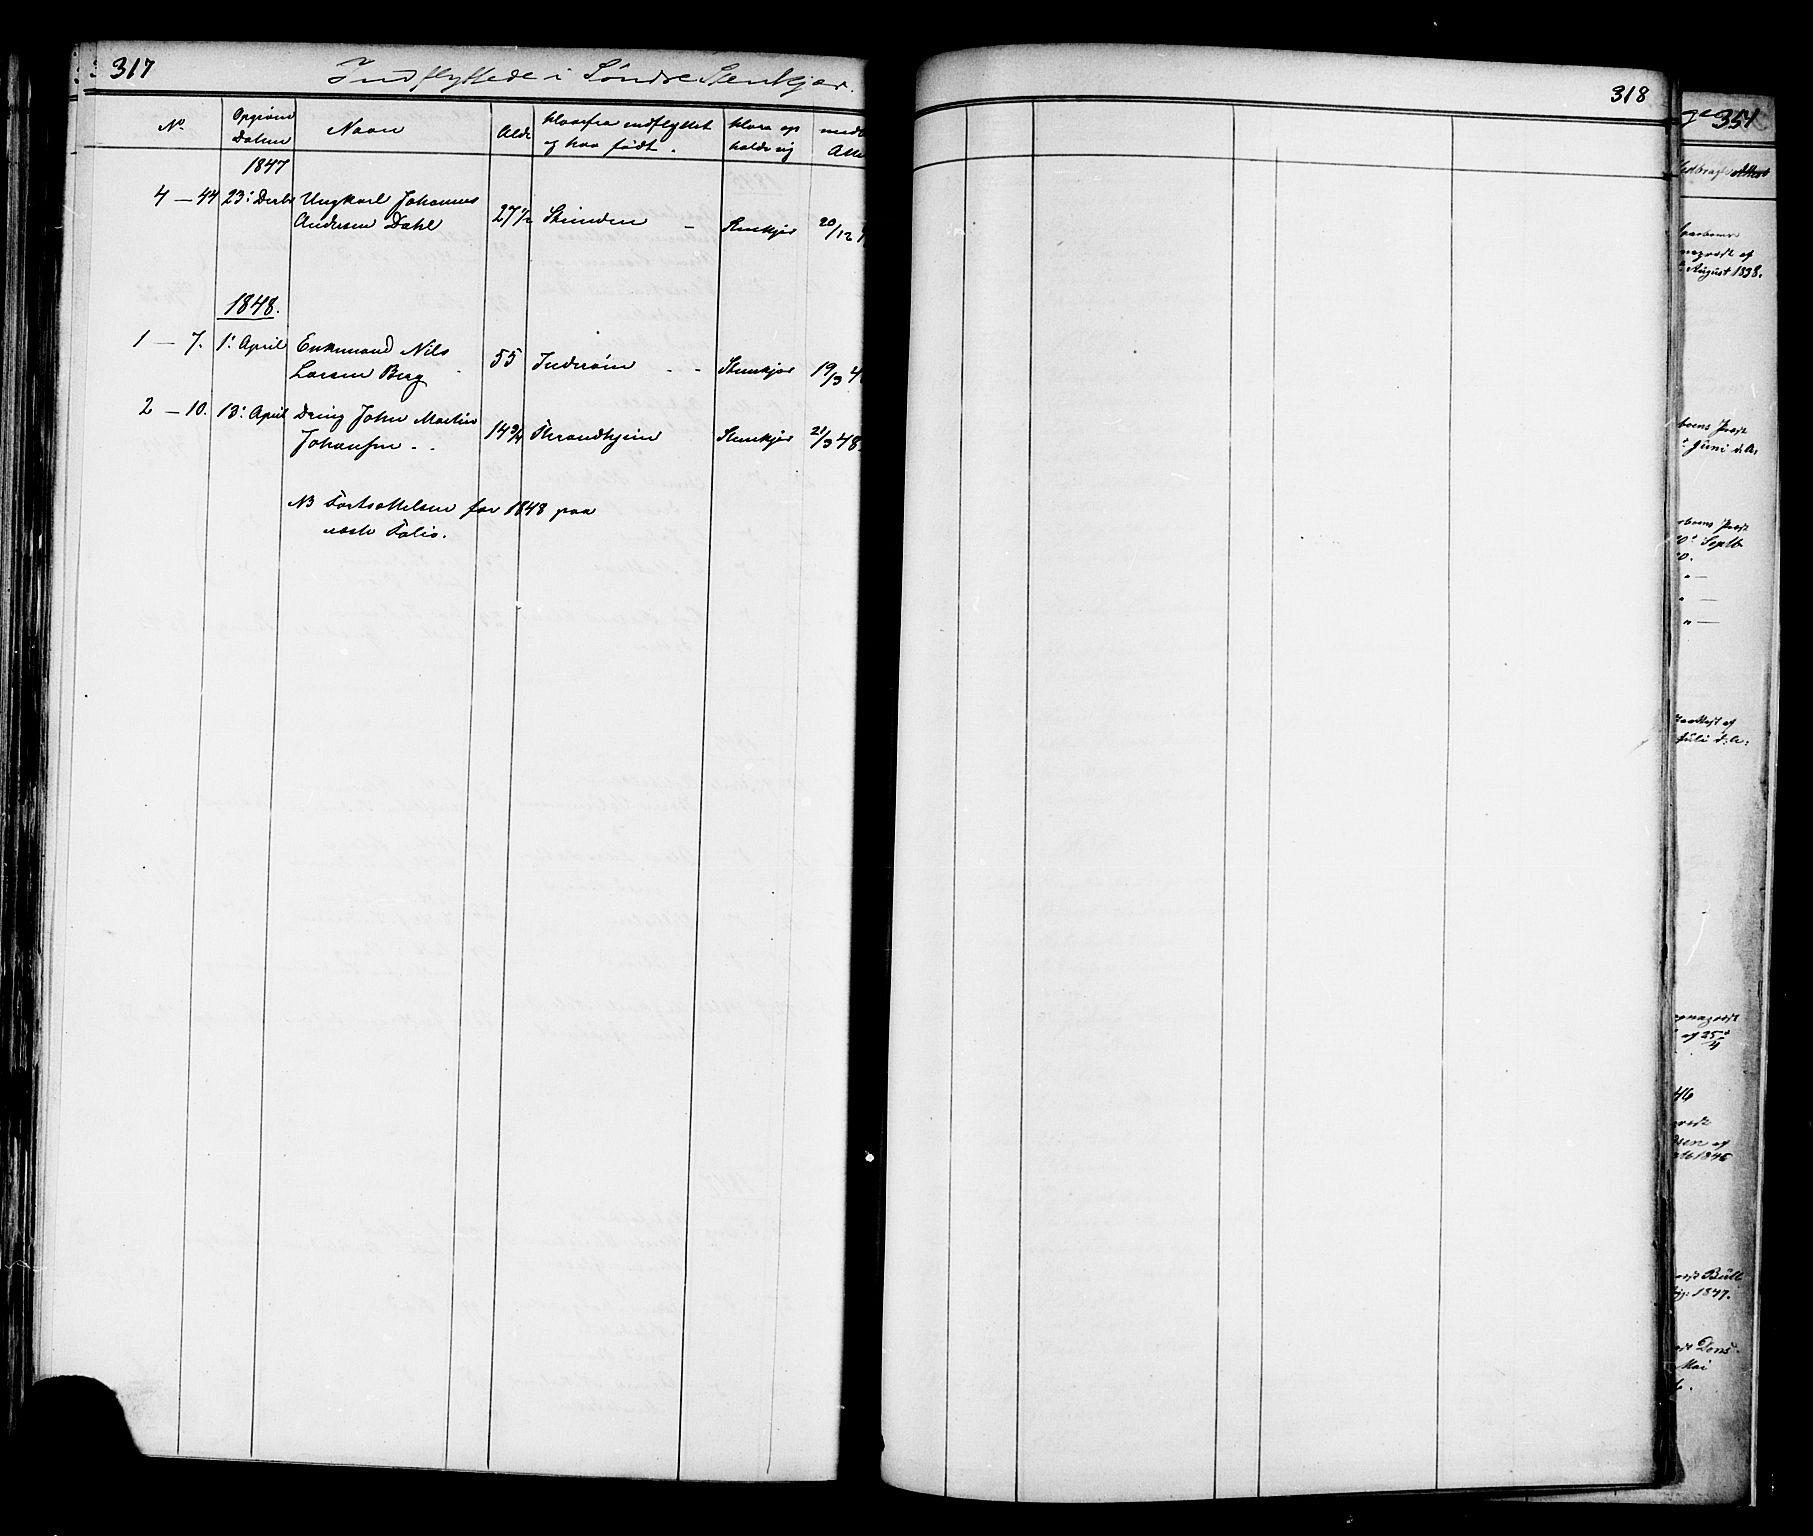 SAT, Ministerialprotokoller, klokkerbøker og fødselsregistre - Nord-Trøndelag, 739/L0367: Ministerialbok nr. 739A01 /1, 1838-1868, s. 317-318